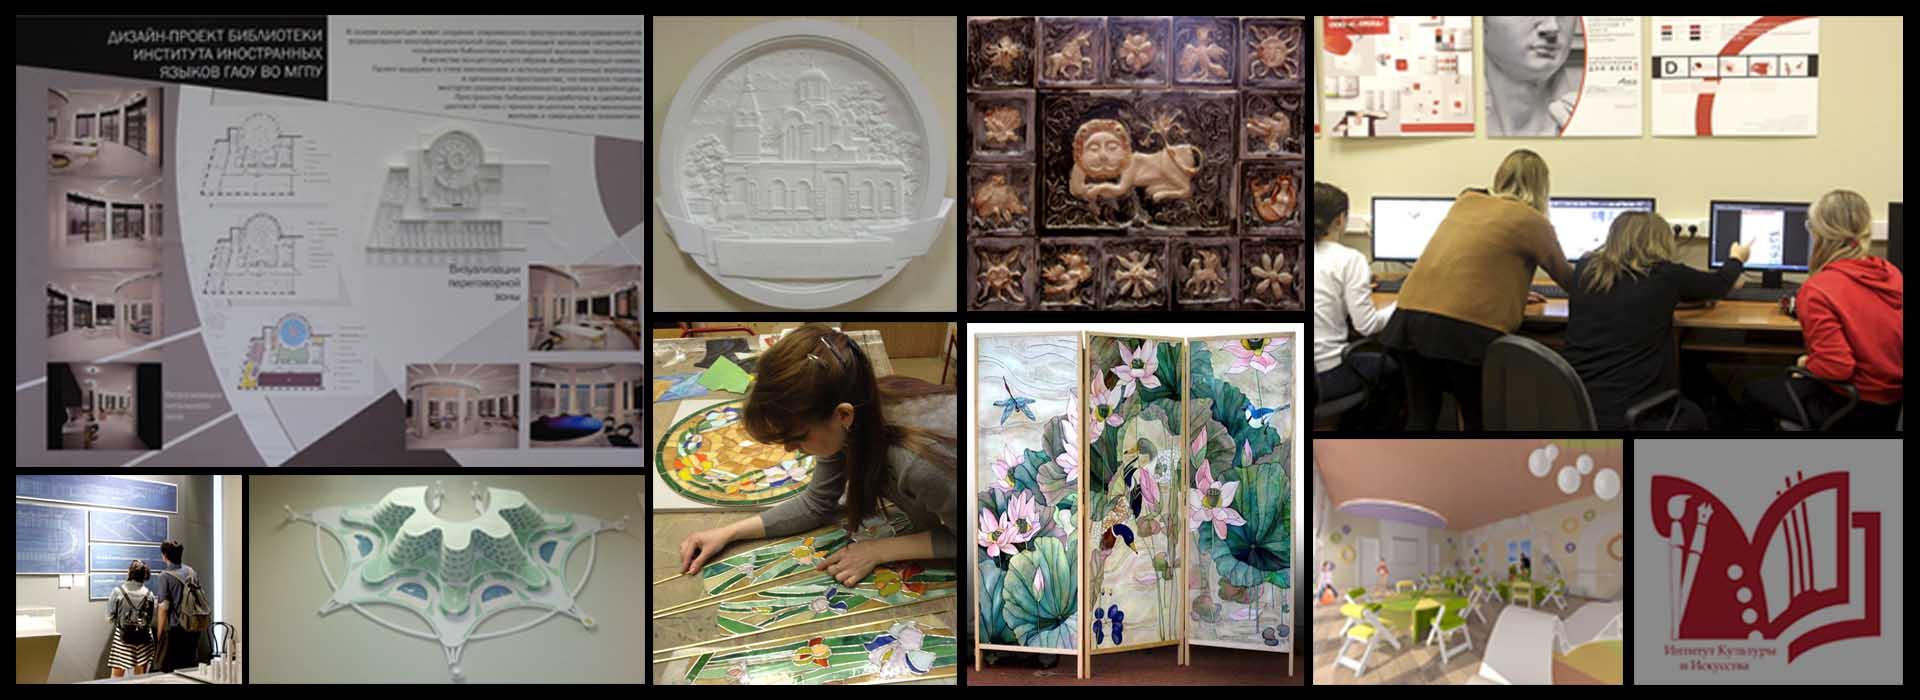 Кафедра декоративного искусства и дизайна